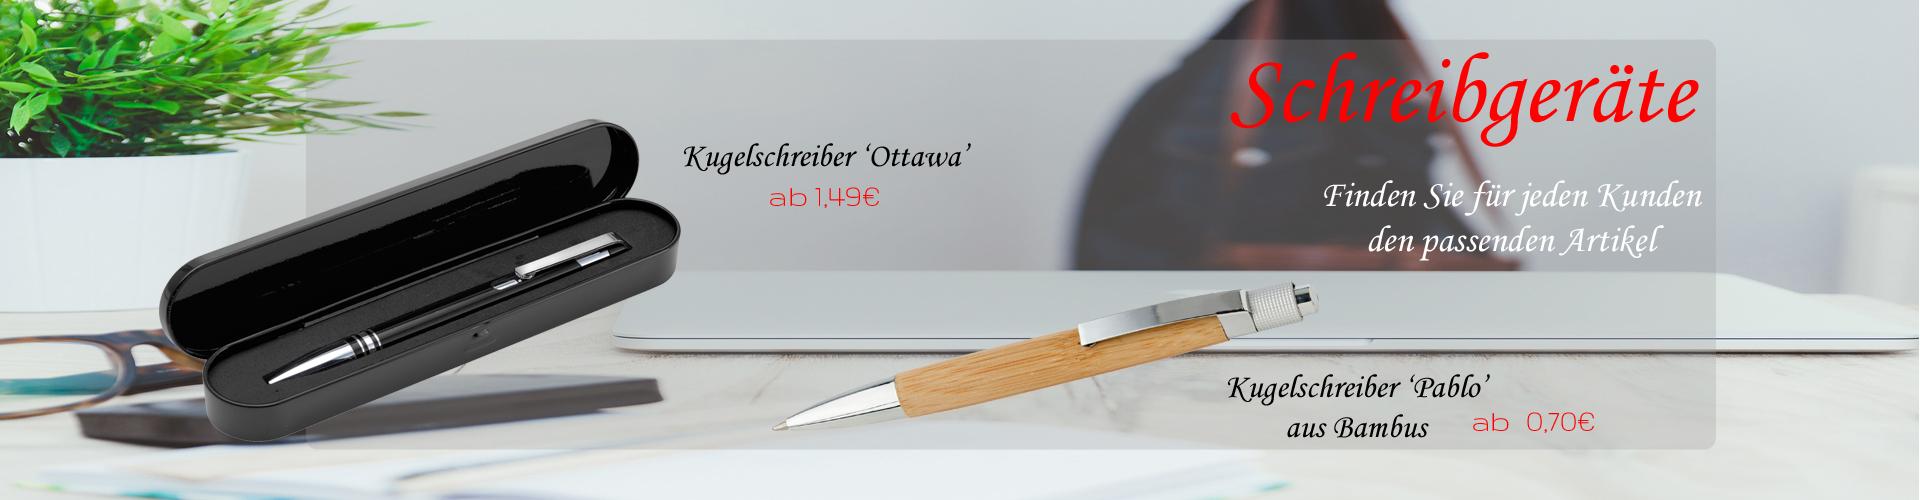 Für jeden Kunden den richtigen Stift - unsere Schreibgeräte